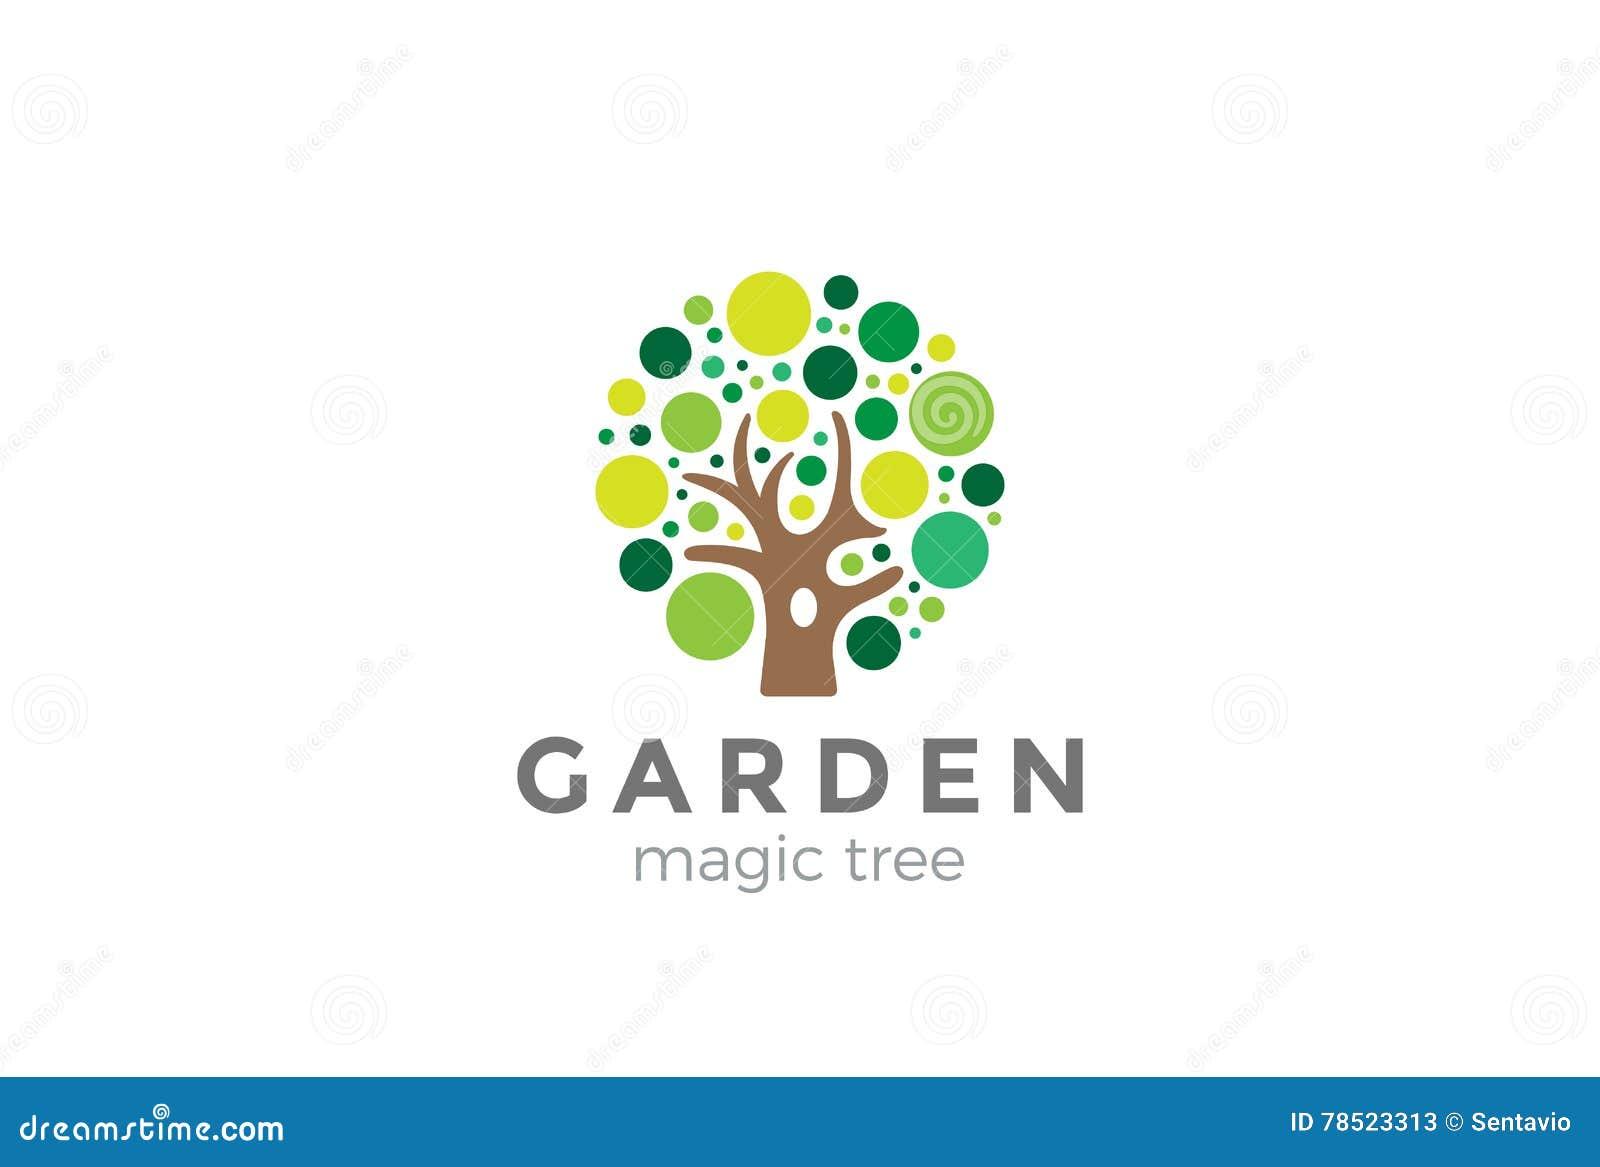 garden log template